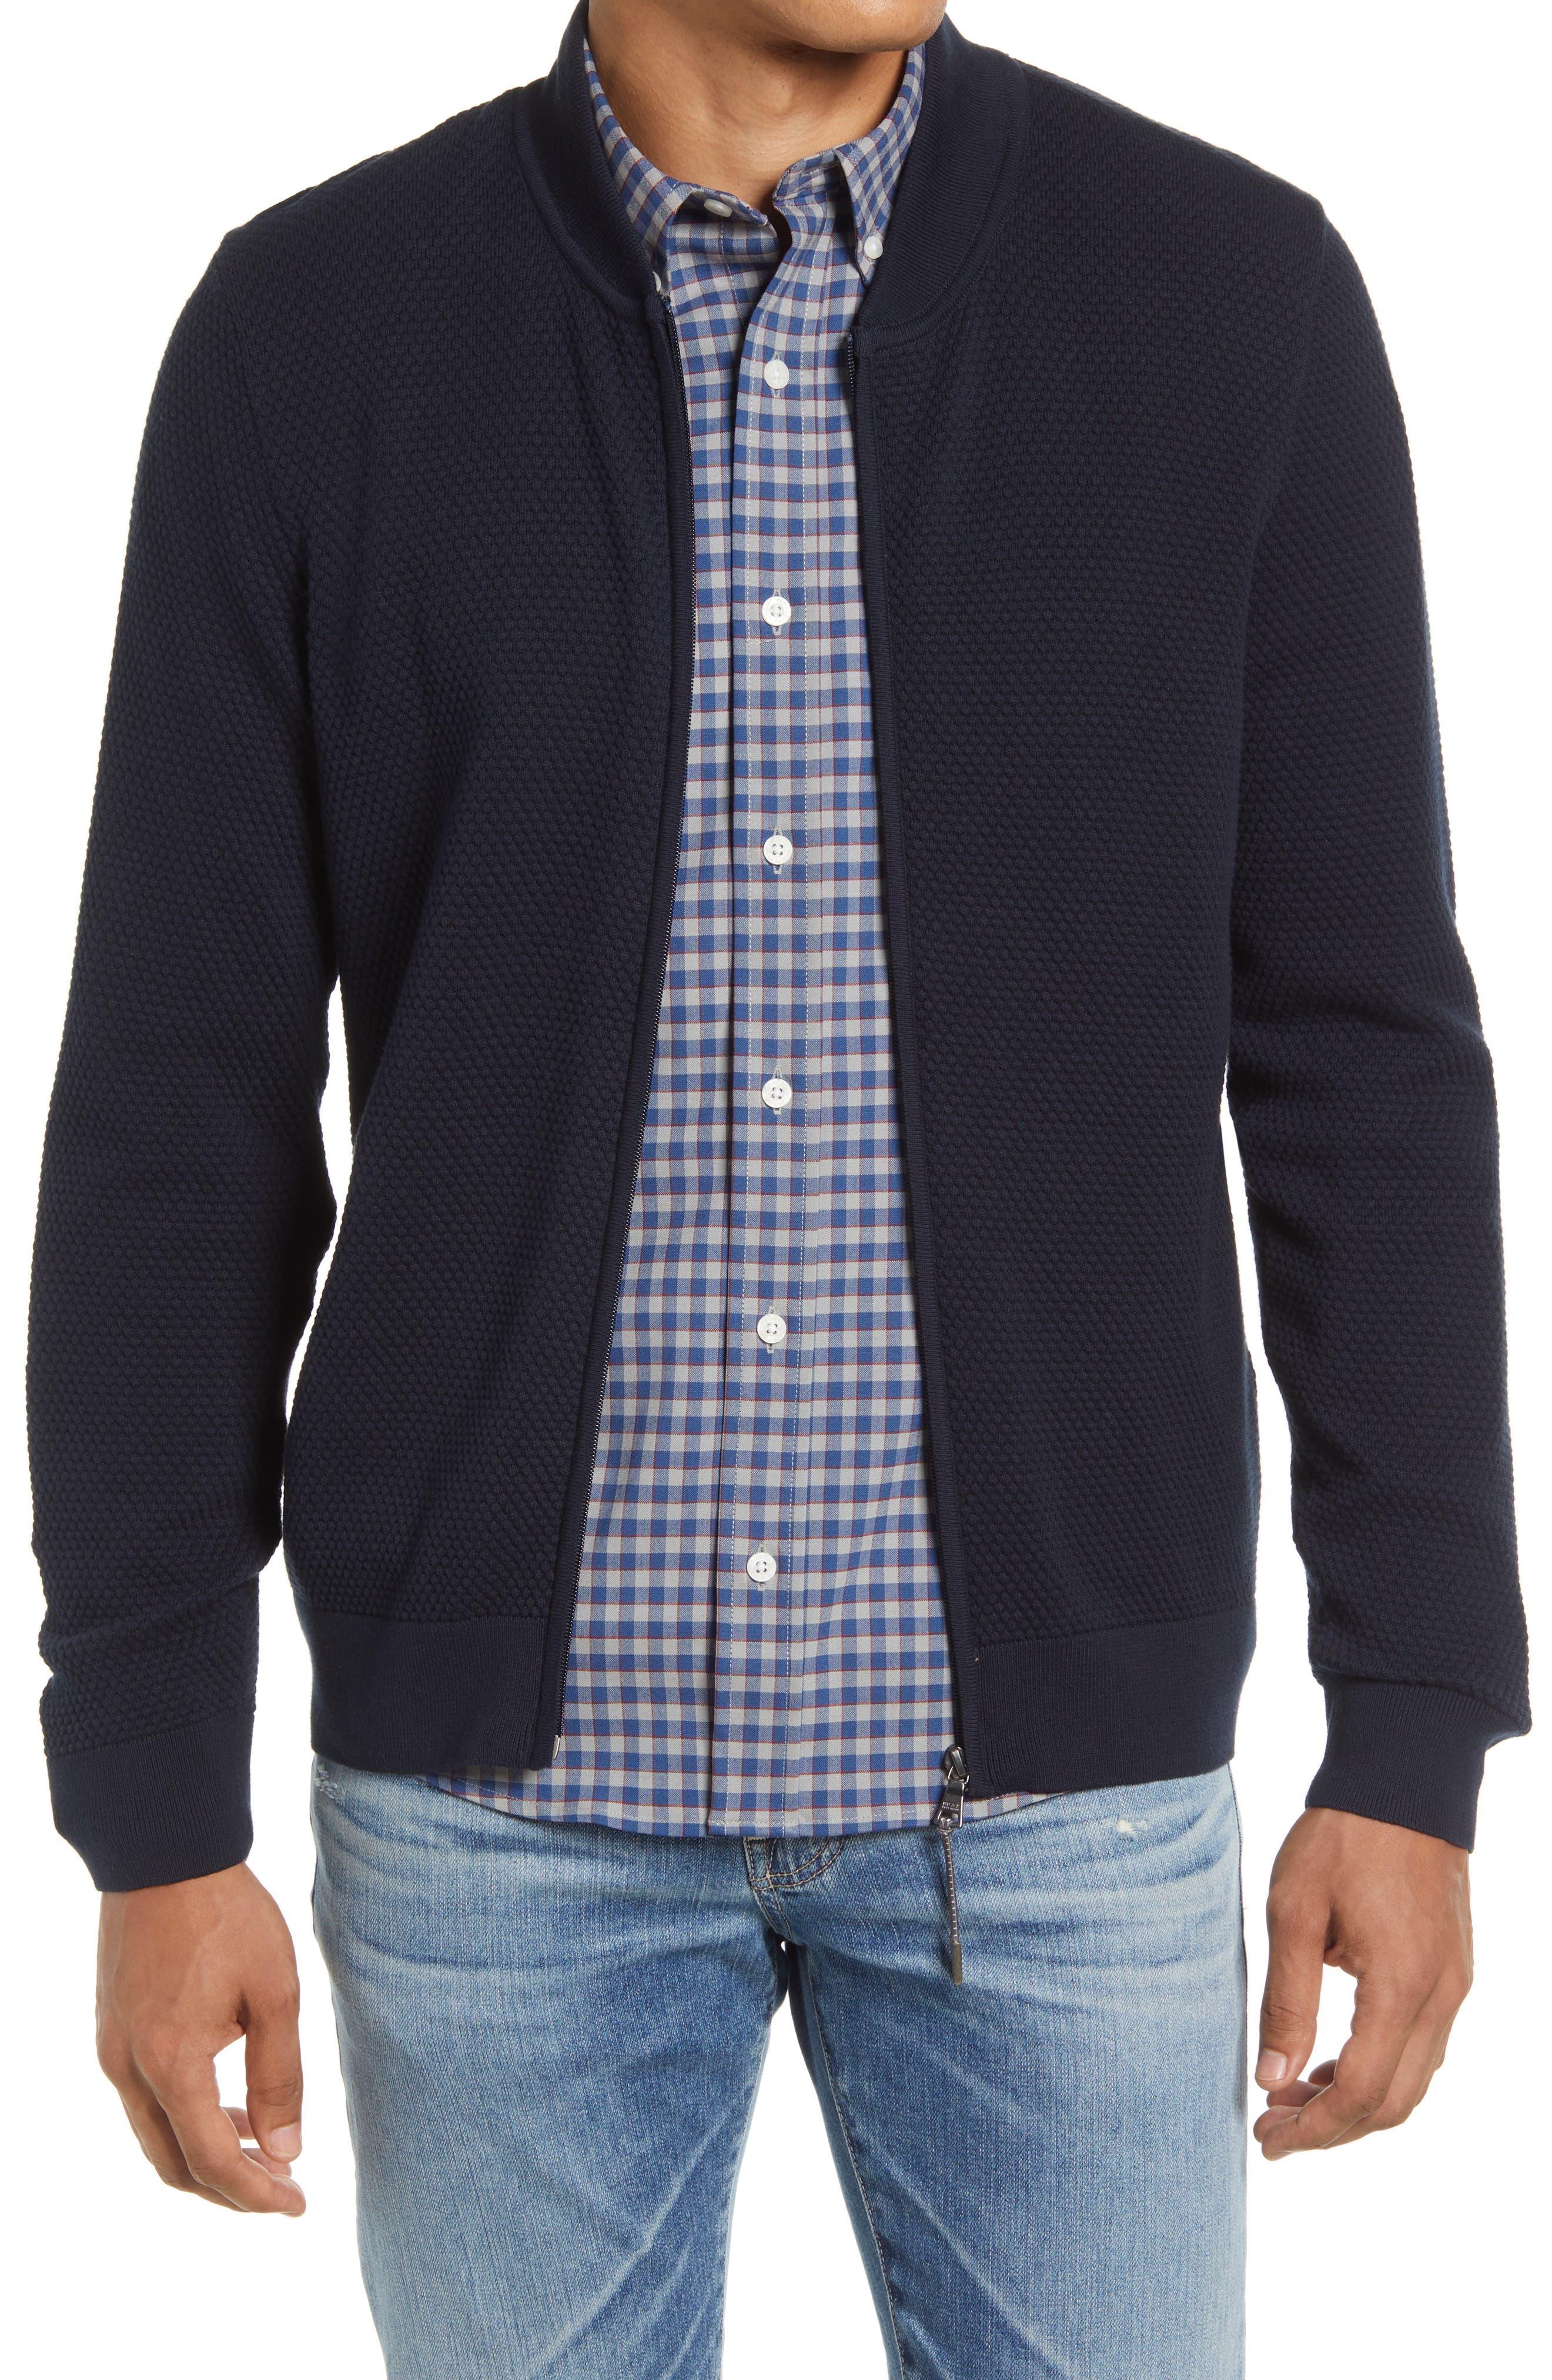 Joshua Hi Flex Honeycomb Cotton Blend Jacket